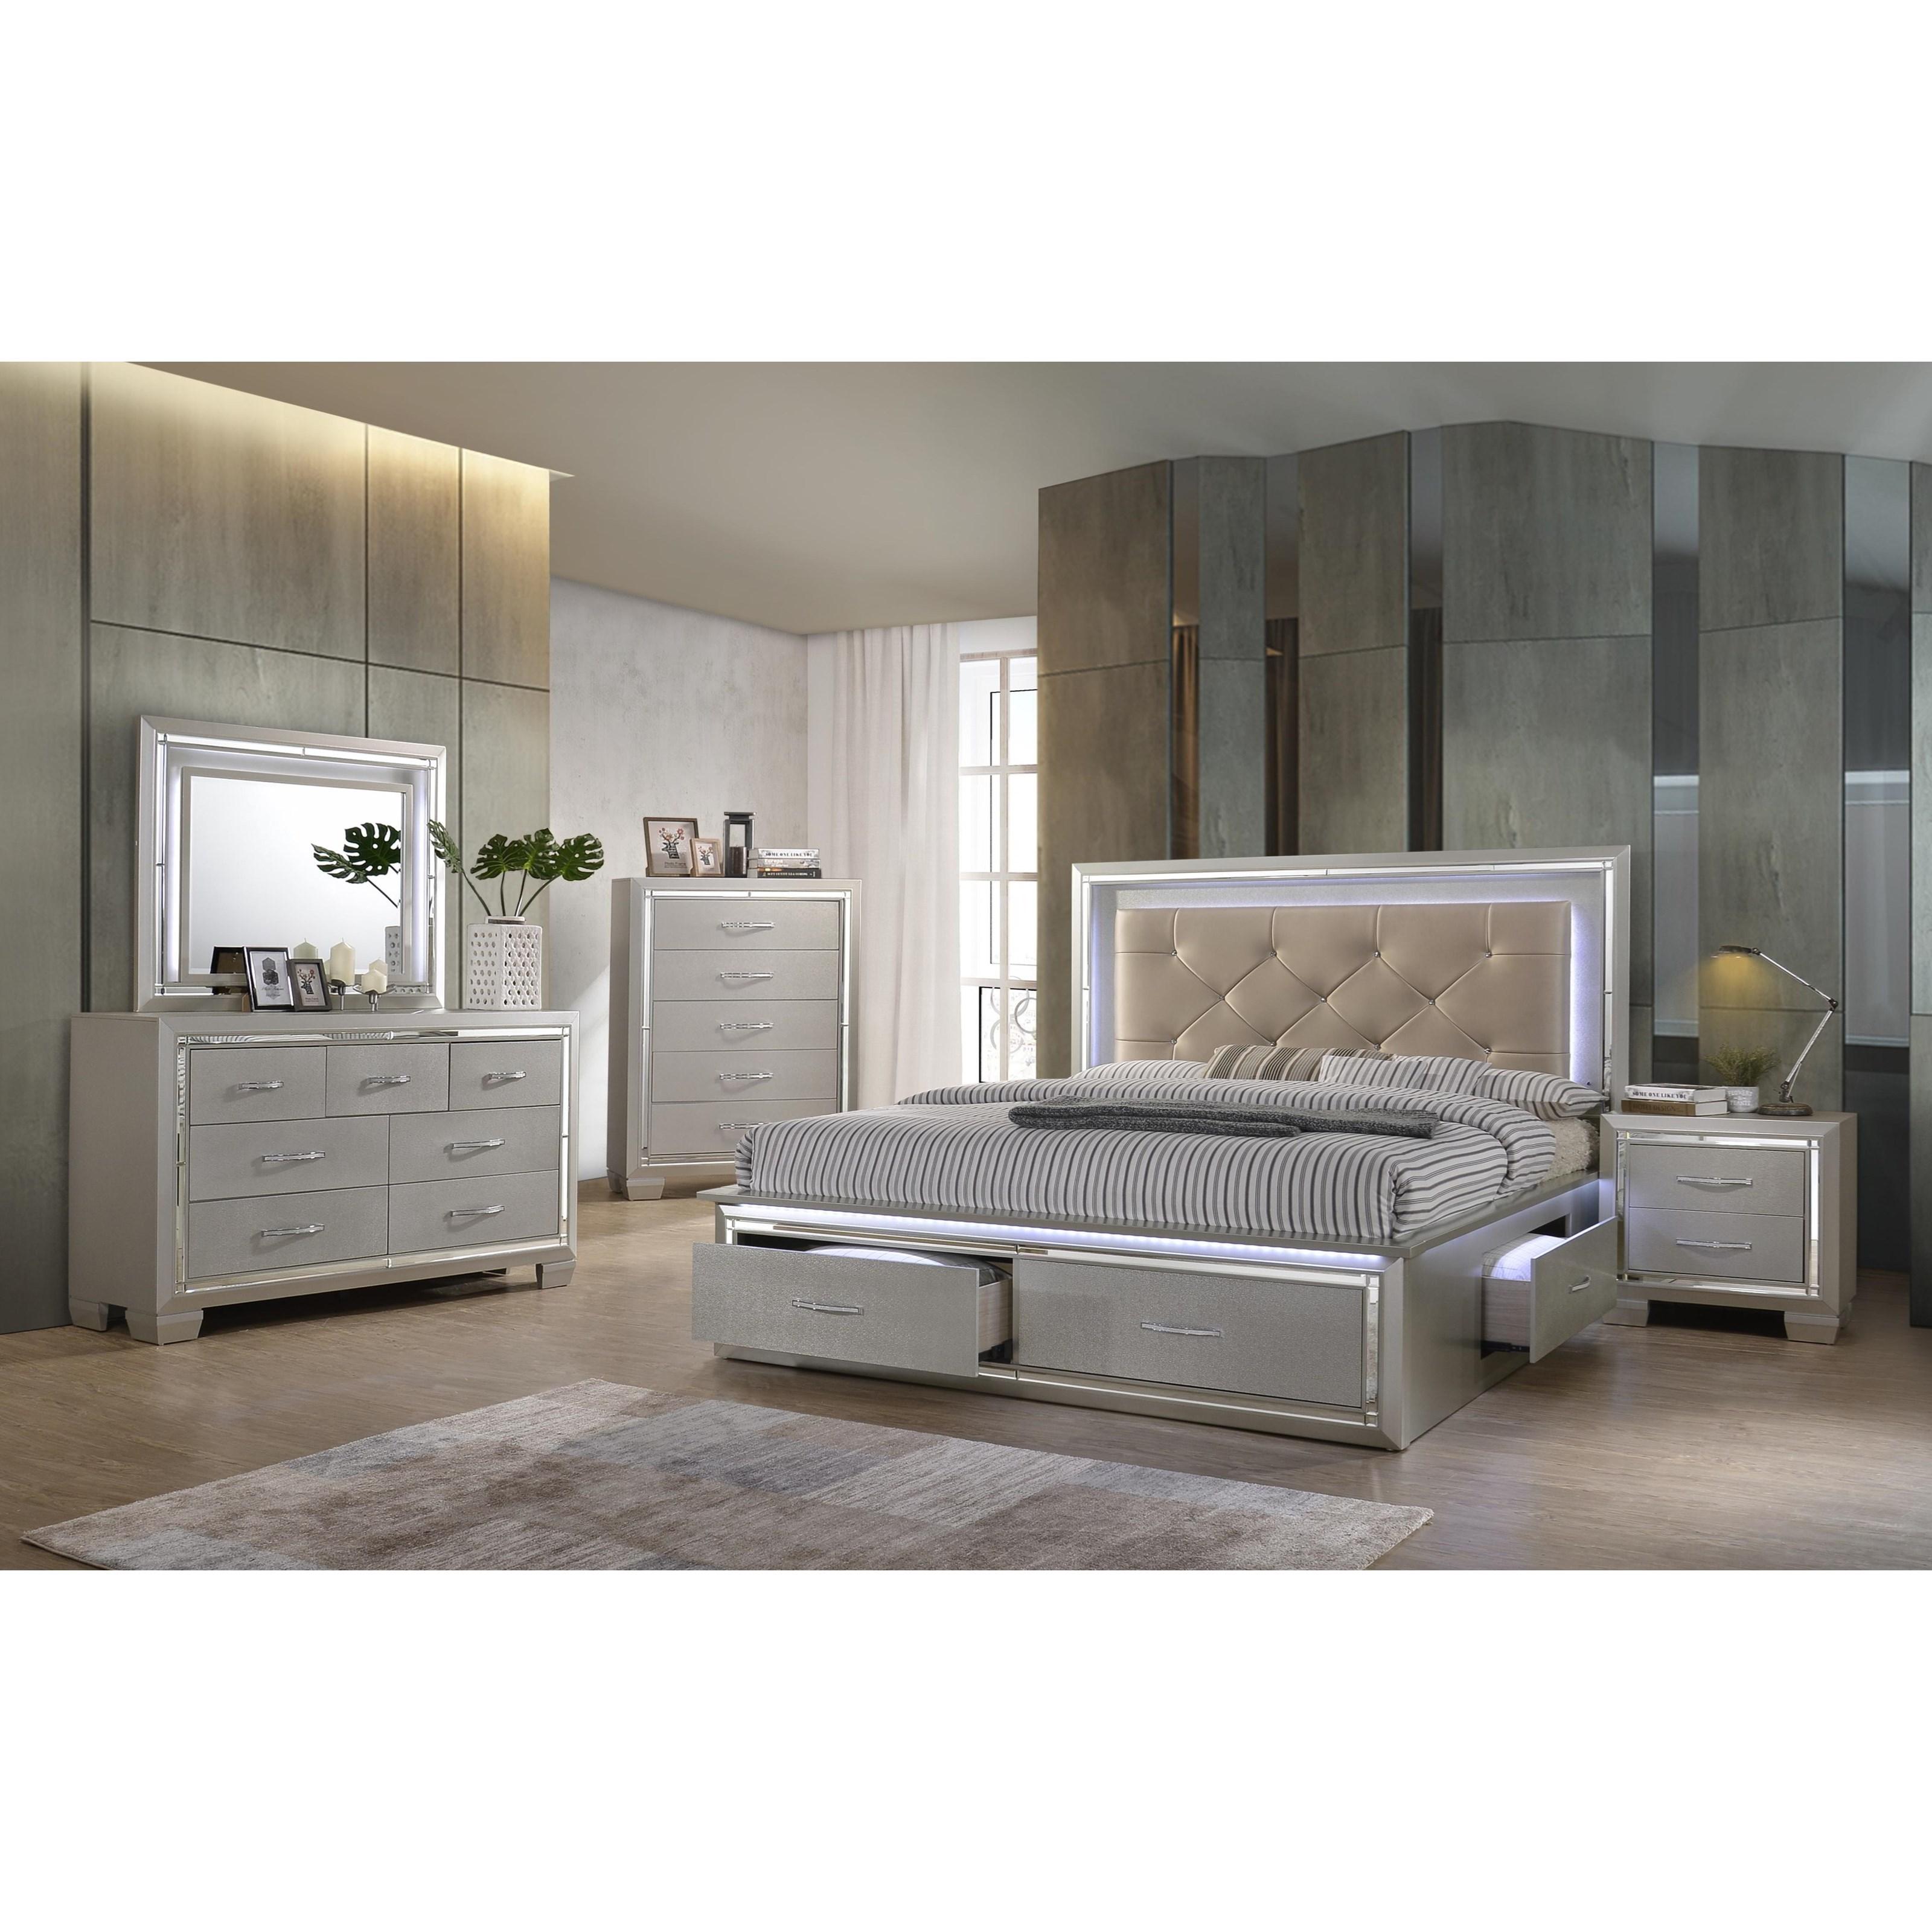 elements platinum contemporary queen platform storage bed